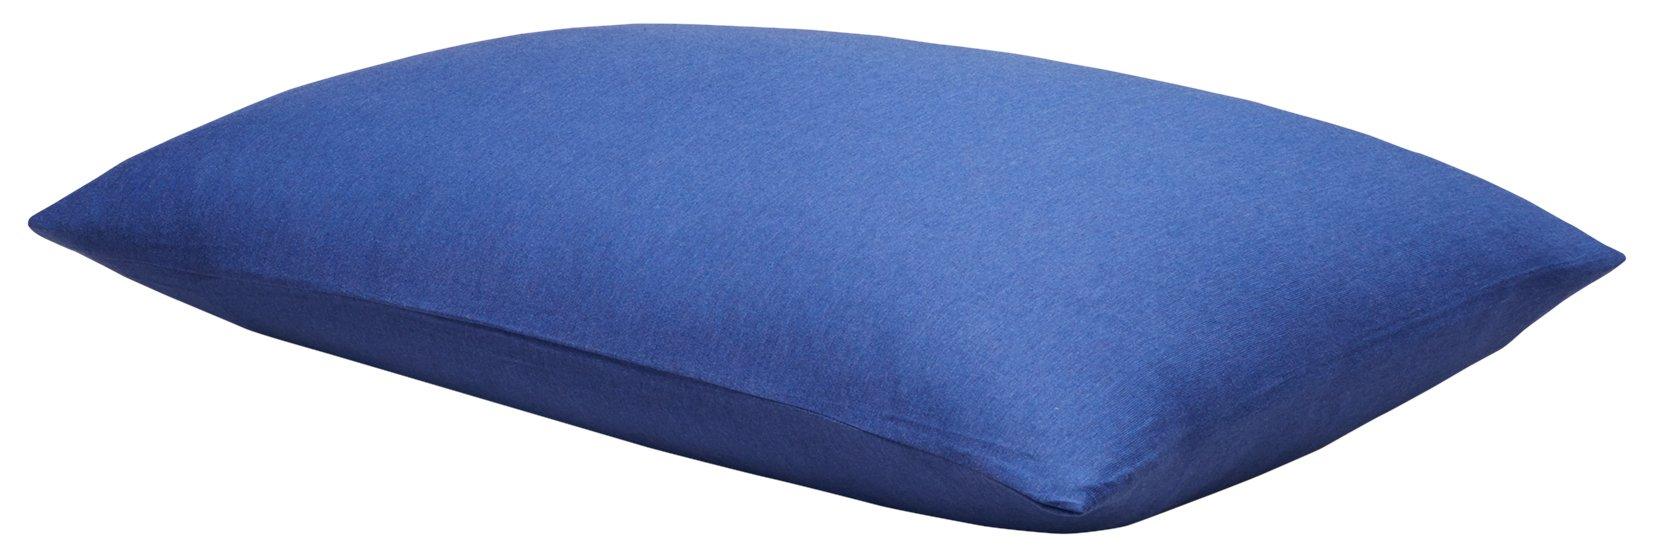 Calvin Klein Home 1110113-ST-C1-B6 Modern Cotton Harrison Pillowcase Pair, Standard, Cobalt